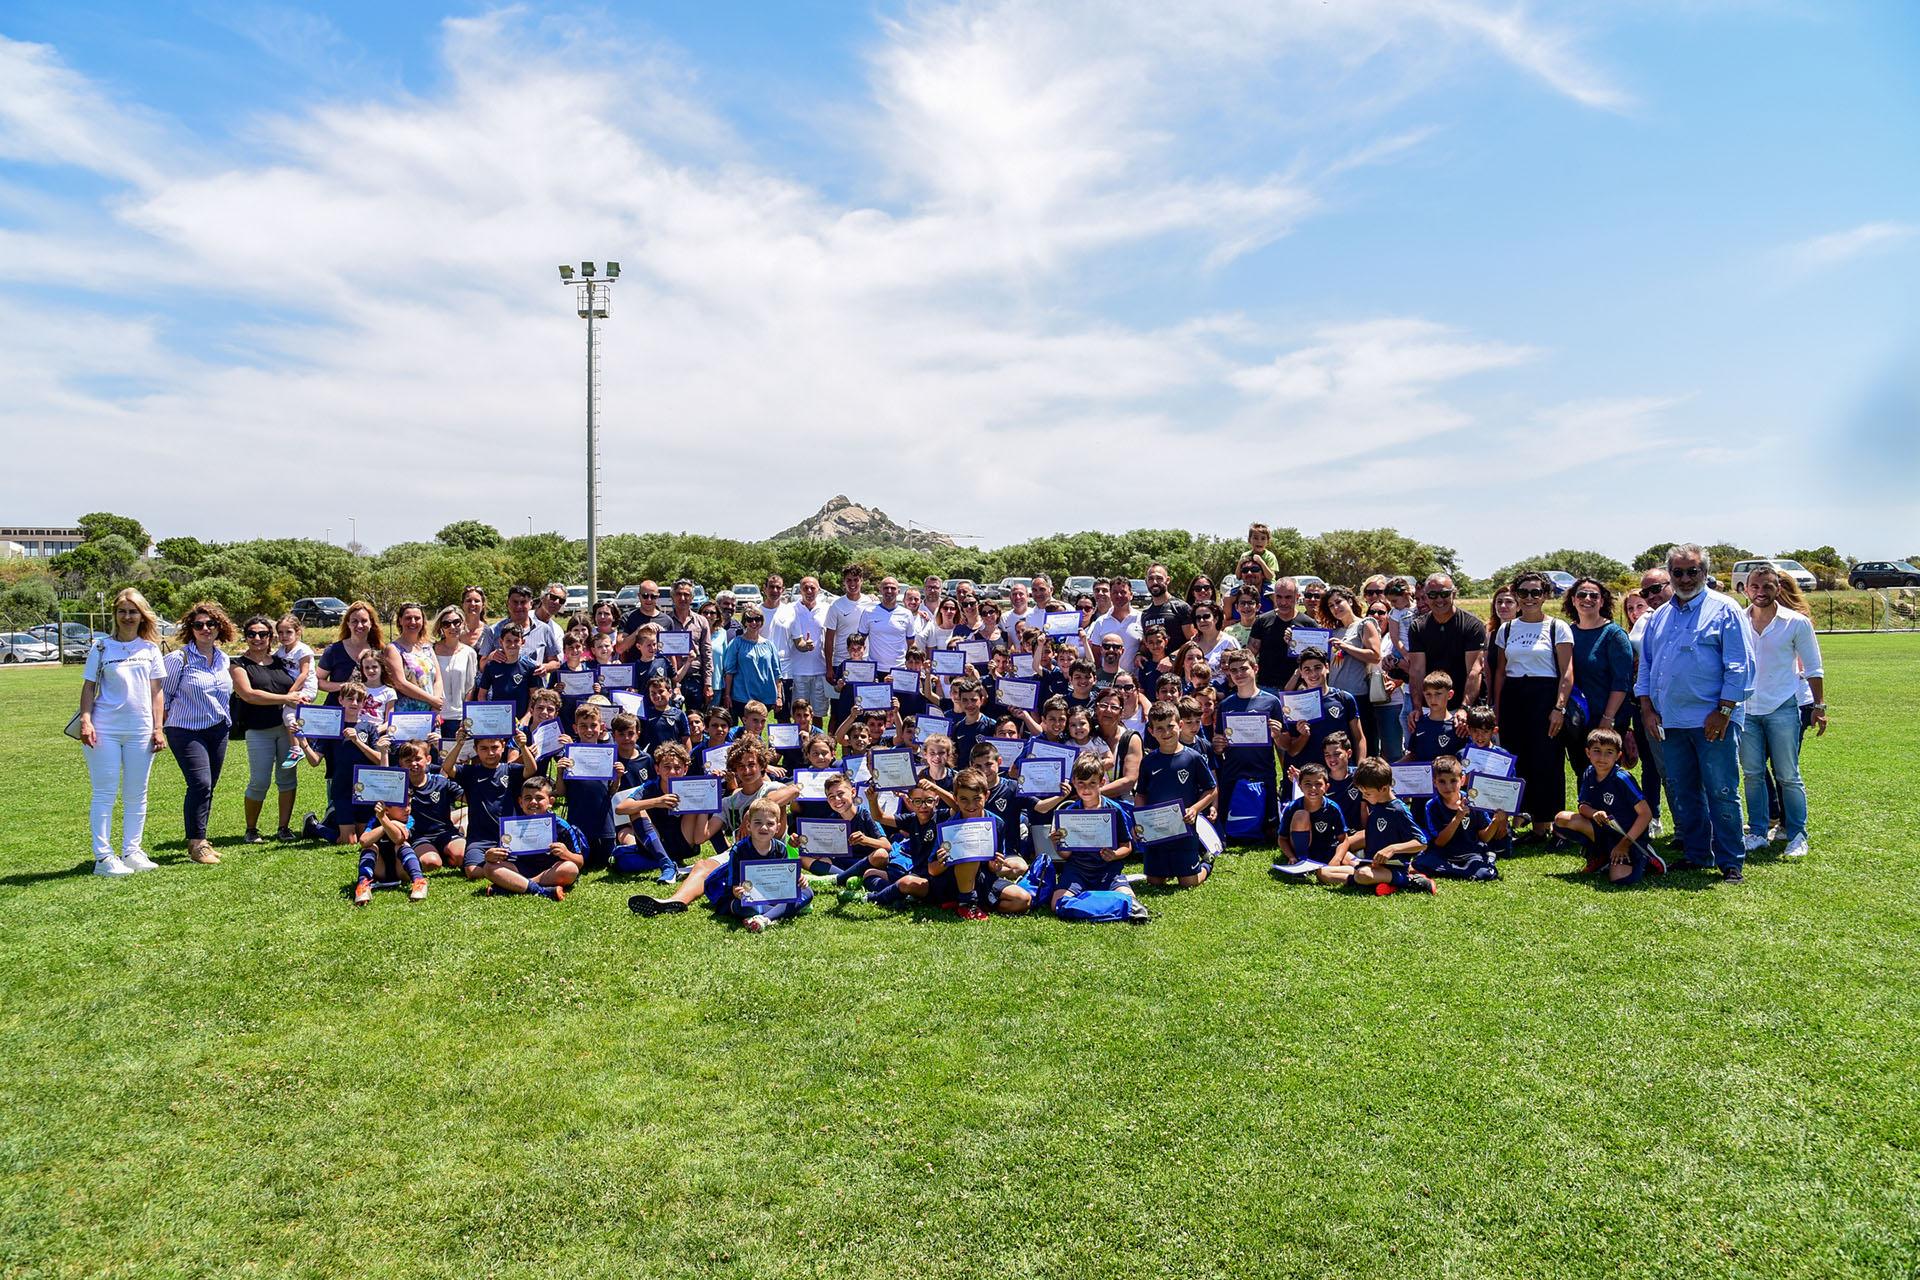 A scuola di calcio in Costa Smeralda con Zanetti e Cambiasso